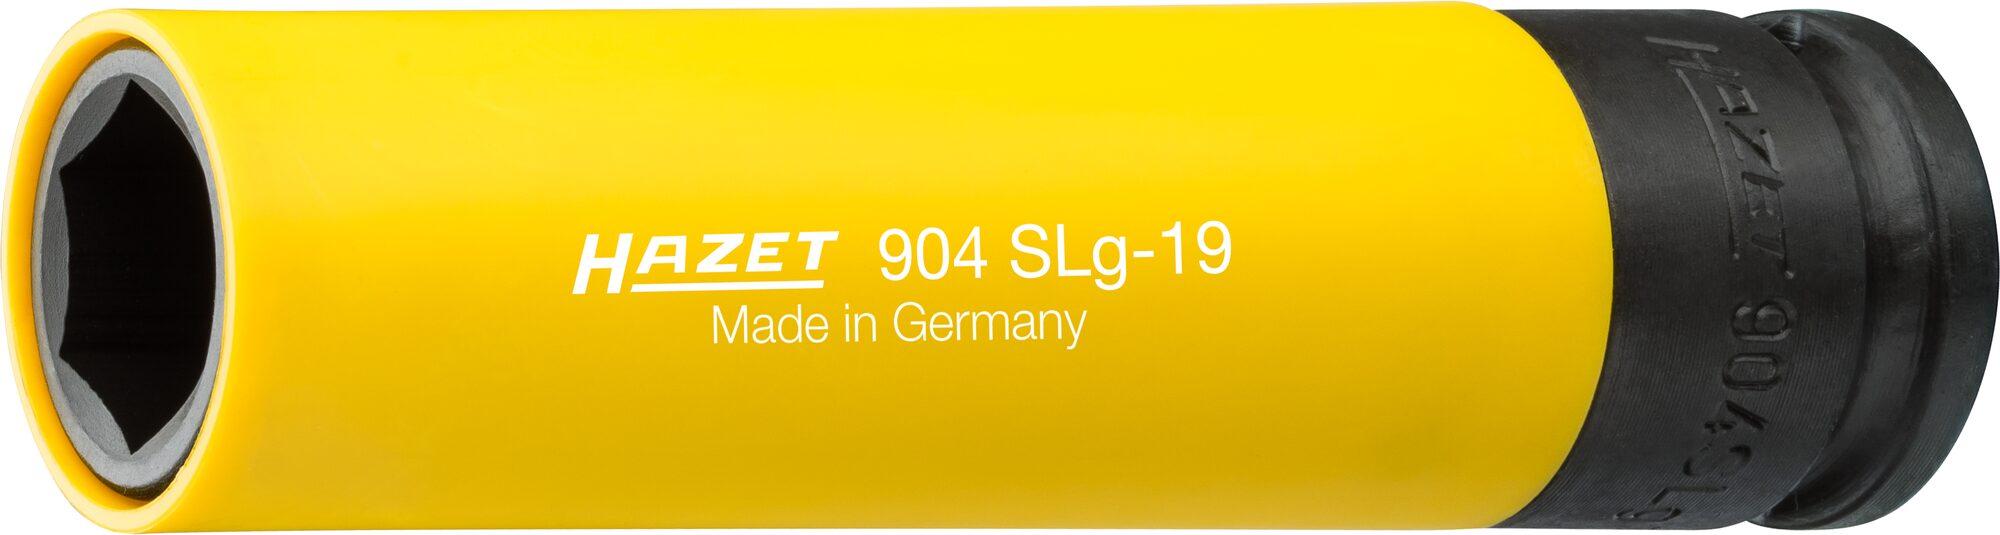 HAZET Schlag- ∙ Maschinenschrauber Steckschlüsseleinsatz ∙ Sechskant ∙ extra lang 904SLG-19 ∙ 19 mm